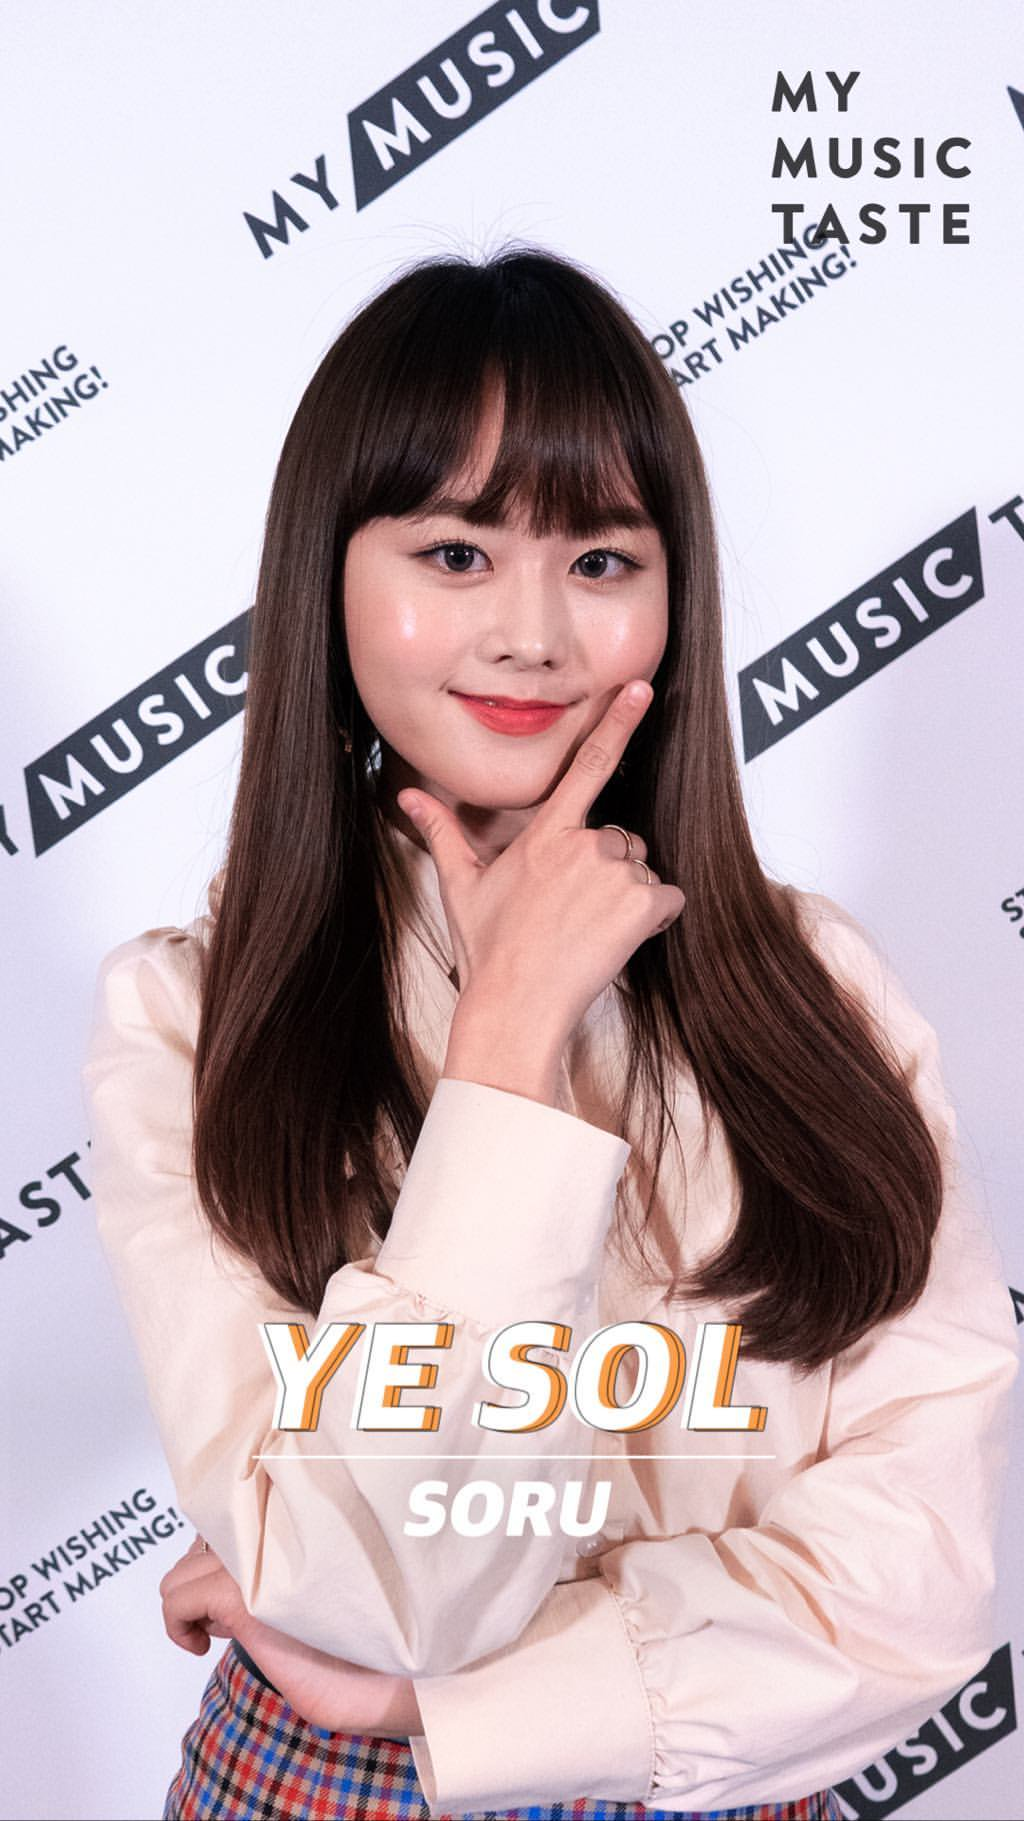 Lee Ye Sol